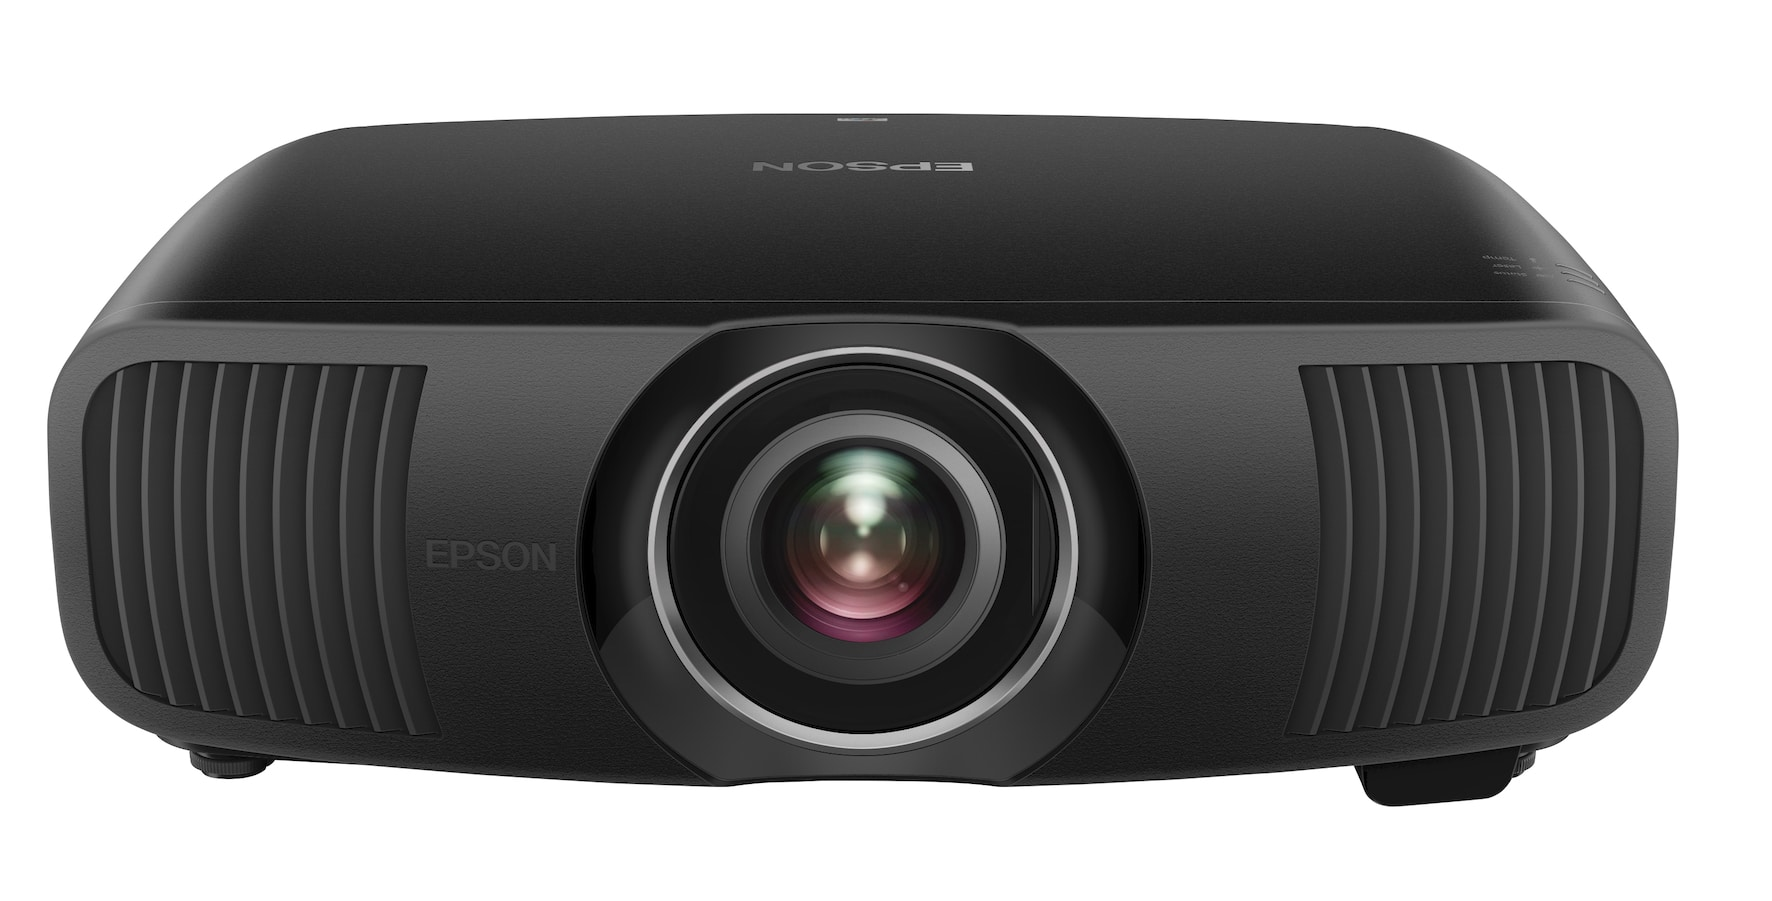 Il cinema a casa con i nuovi videoproiettori Epson thumbnail